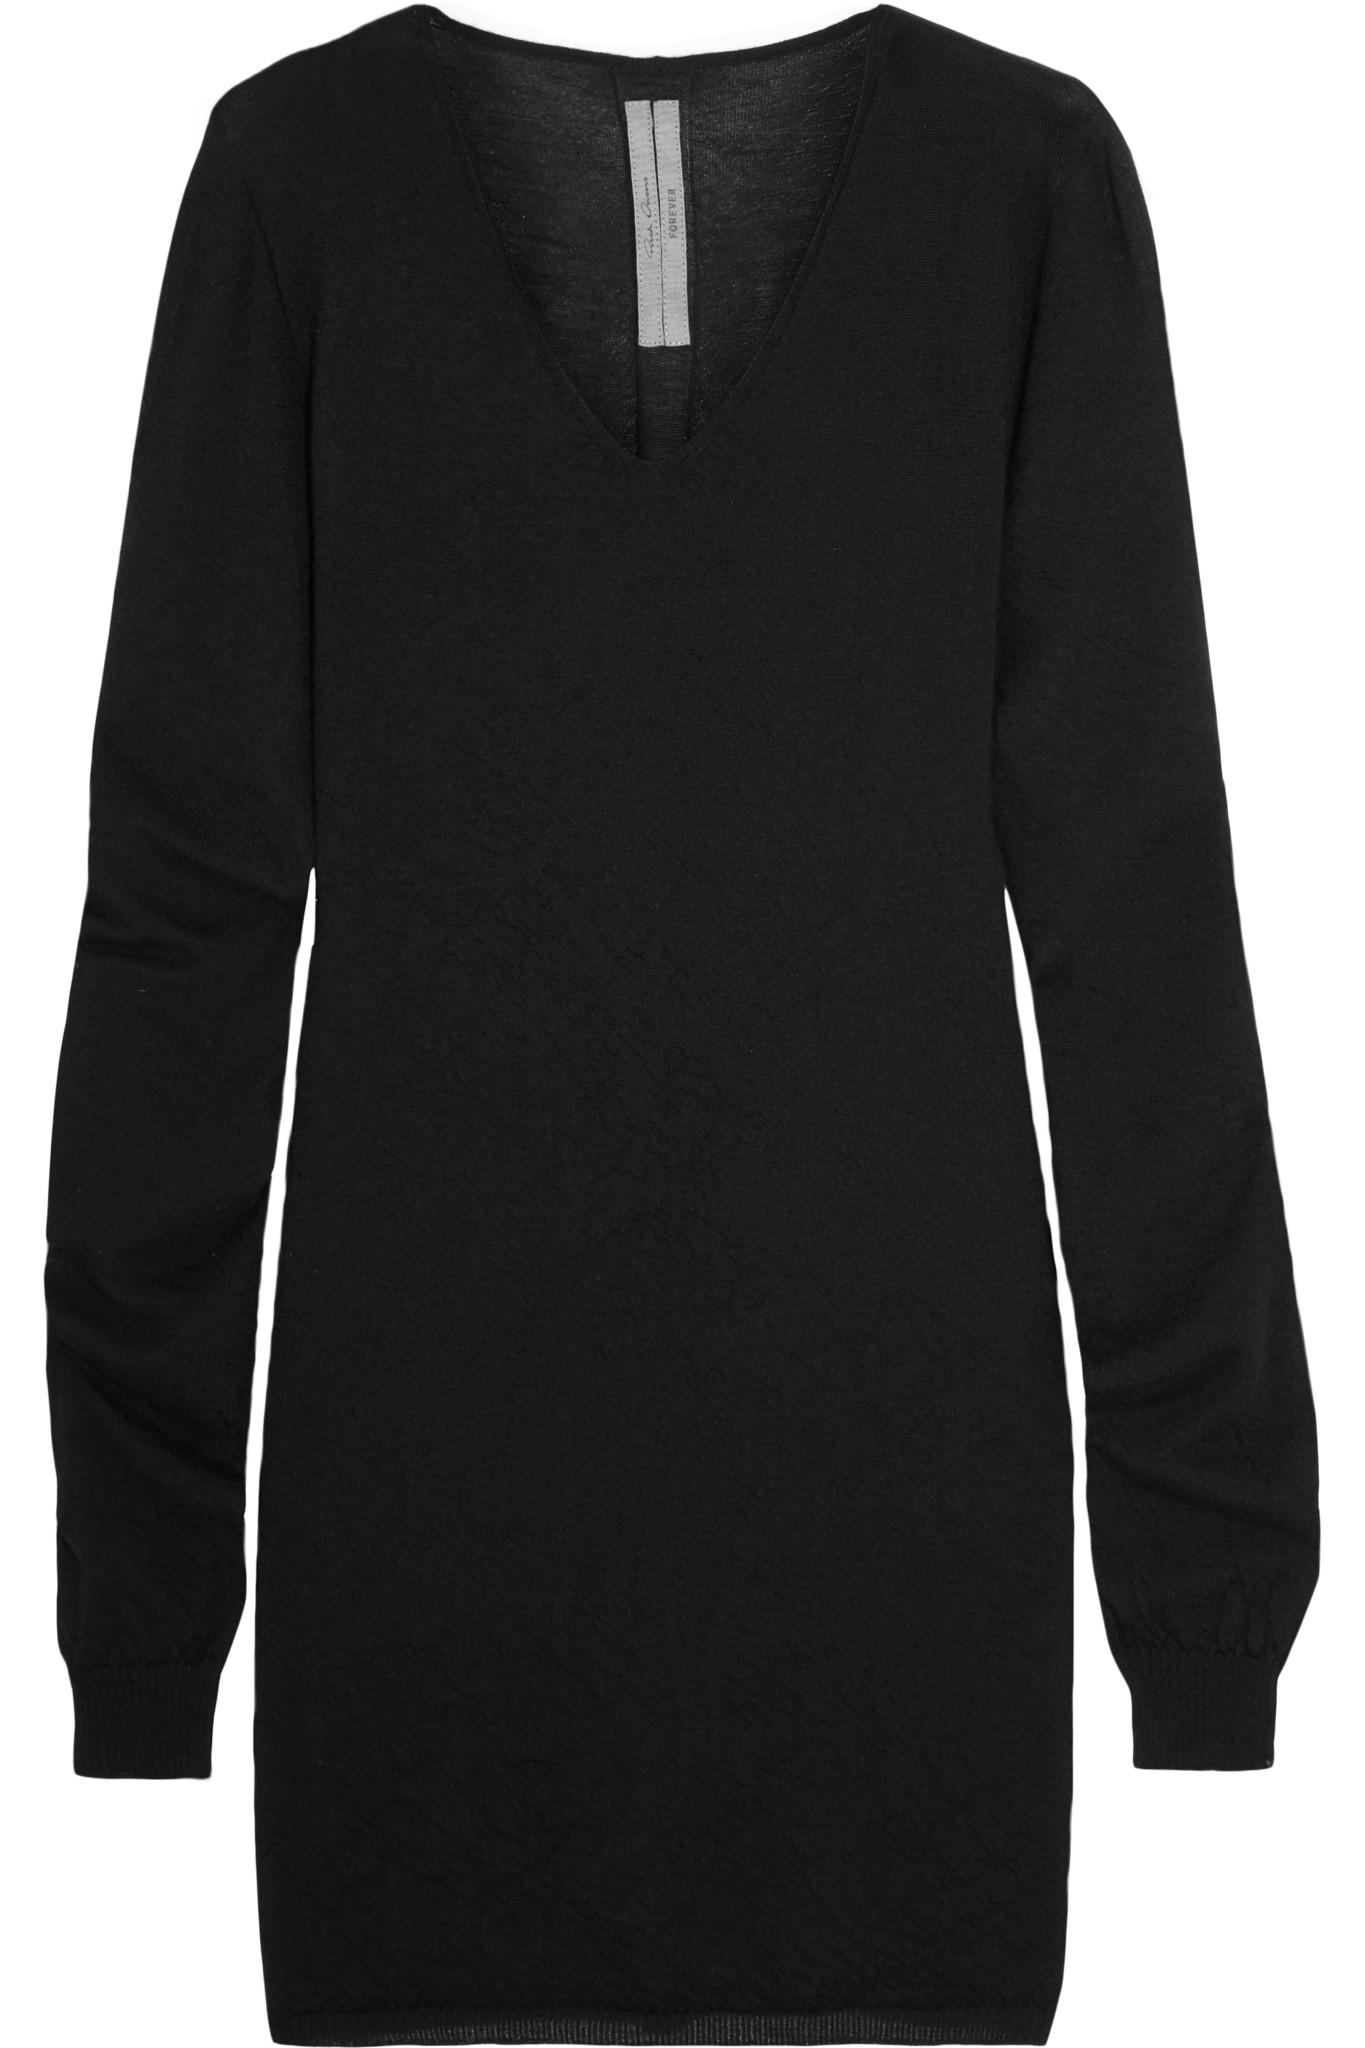 Black Goat Cashmere - Luxurious Cashmere Sweaters Online Boutique.